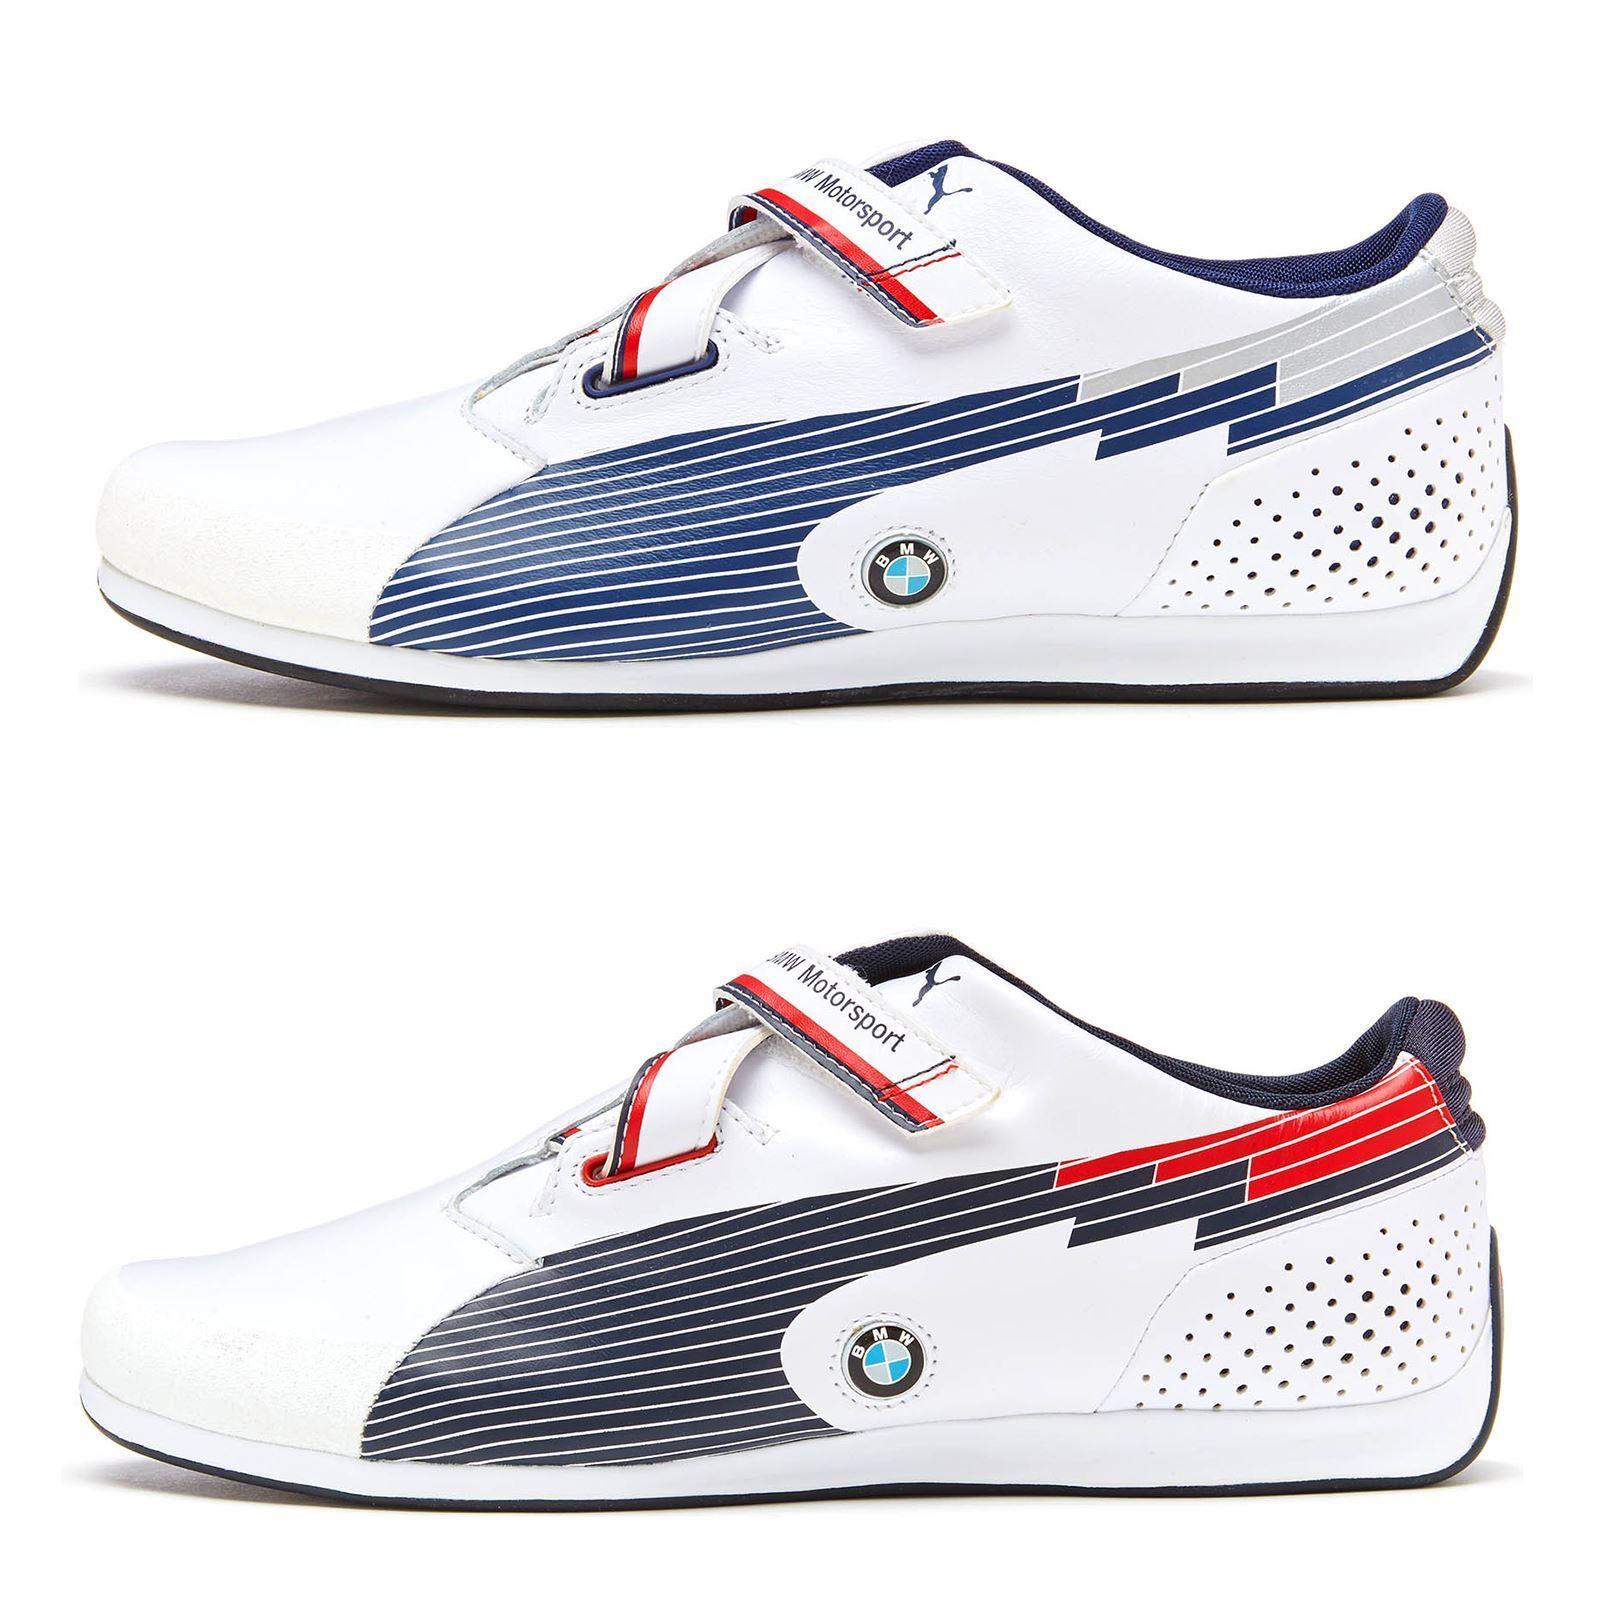 Puma cuero Evo Speed BMW F12 cuero Puma formadores en blanco, negro y azul 304175 916553